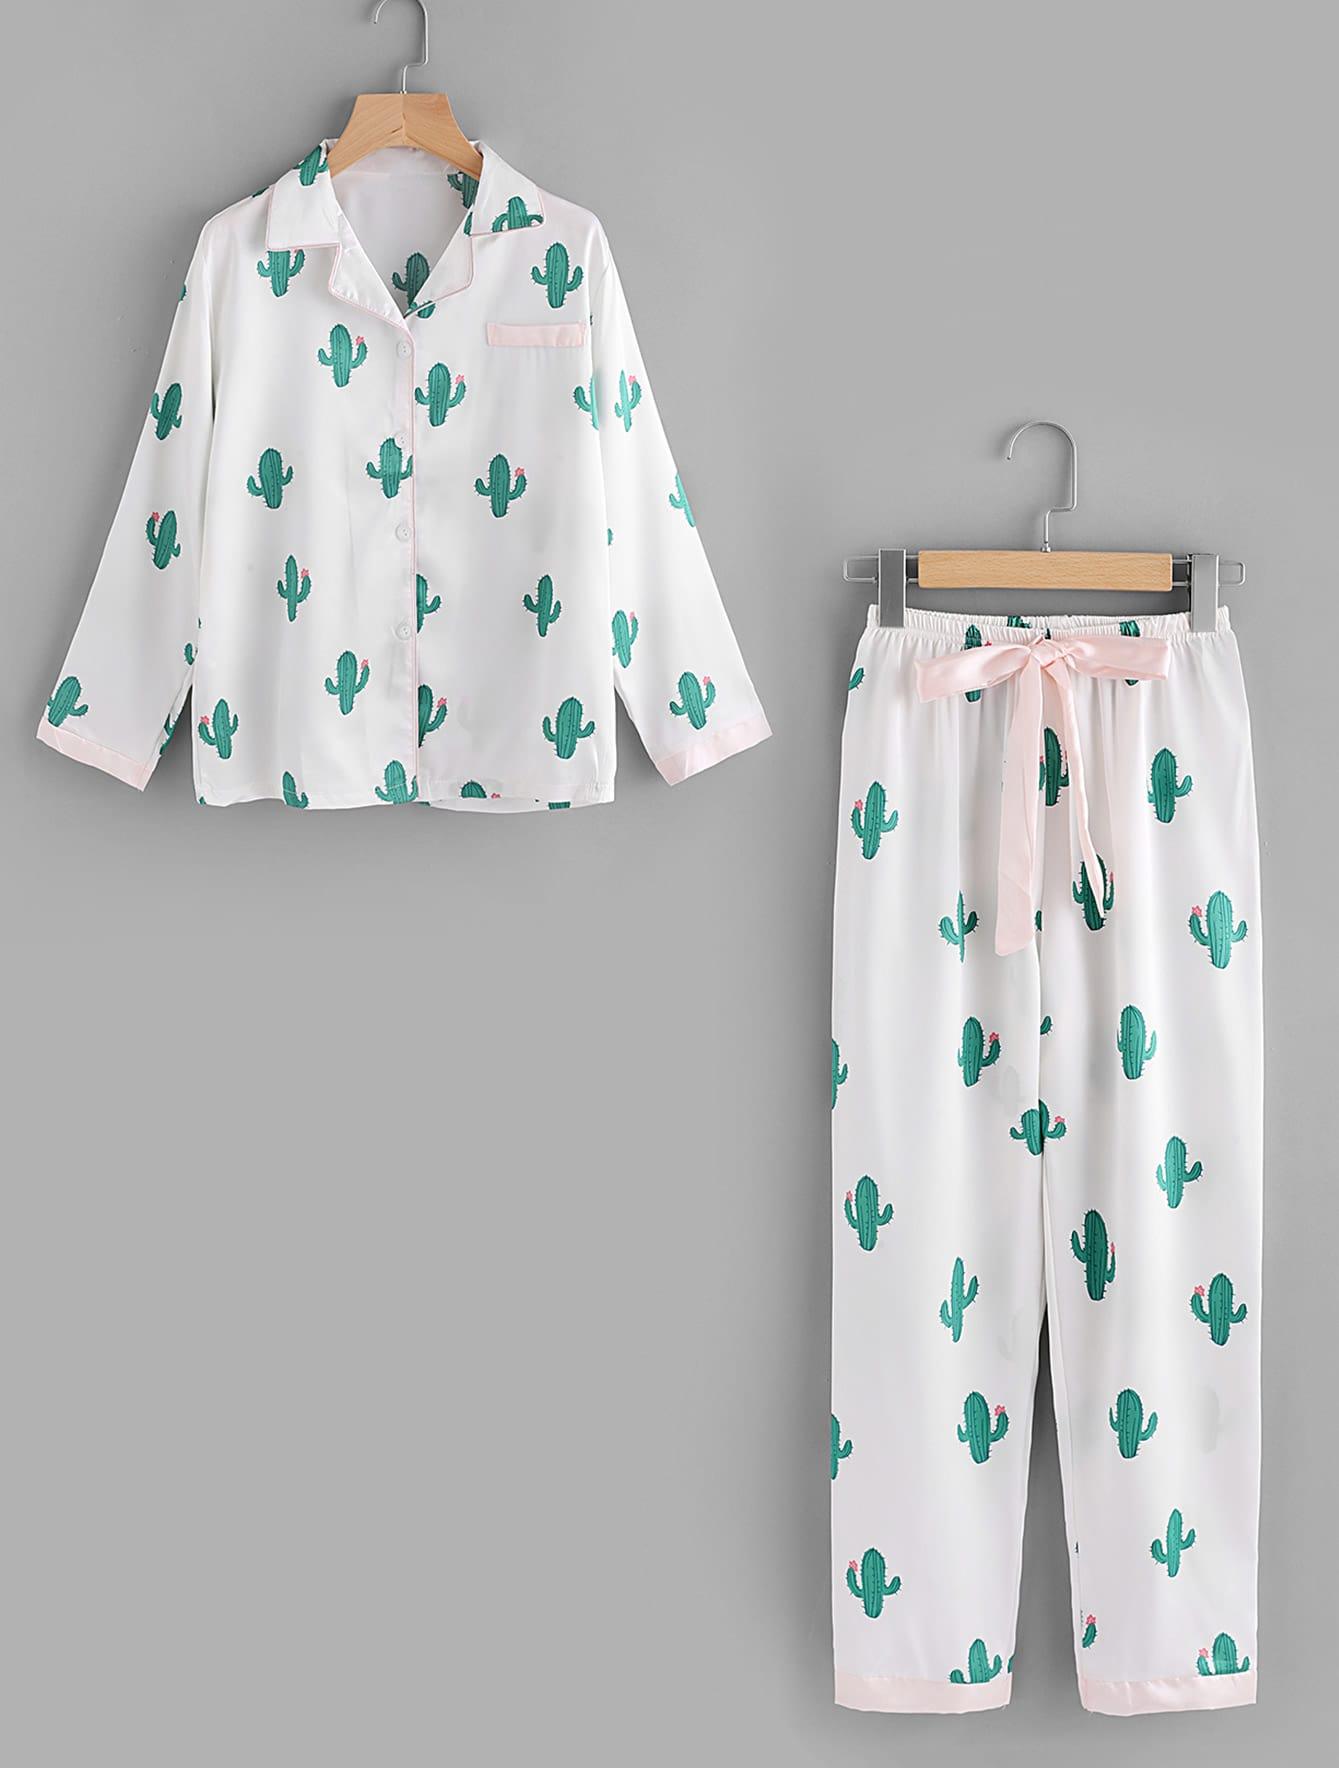 Cactus Print Top And Drawstring Waist Pants cactus print top and drawstring waist pants